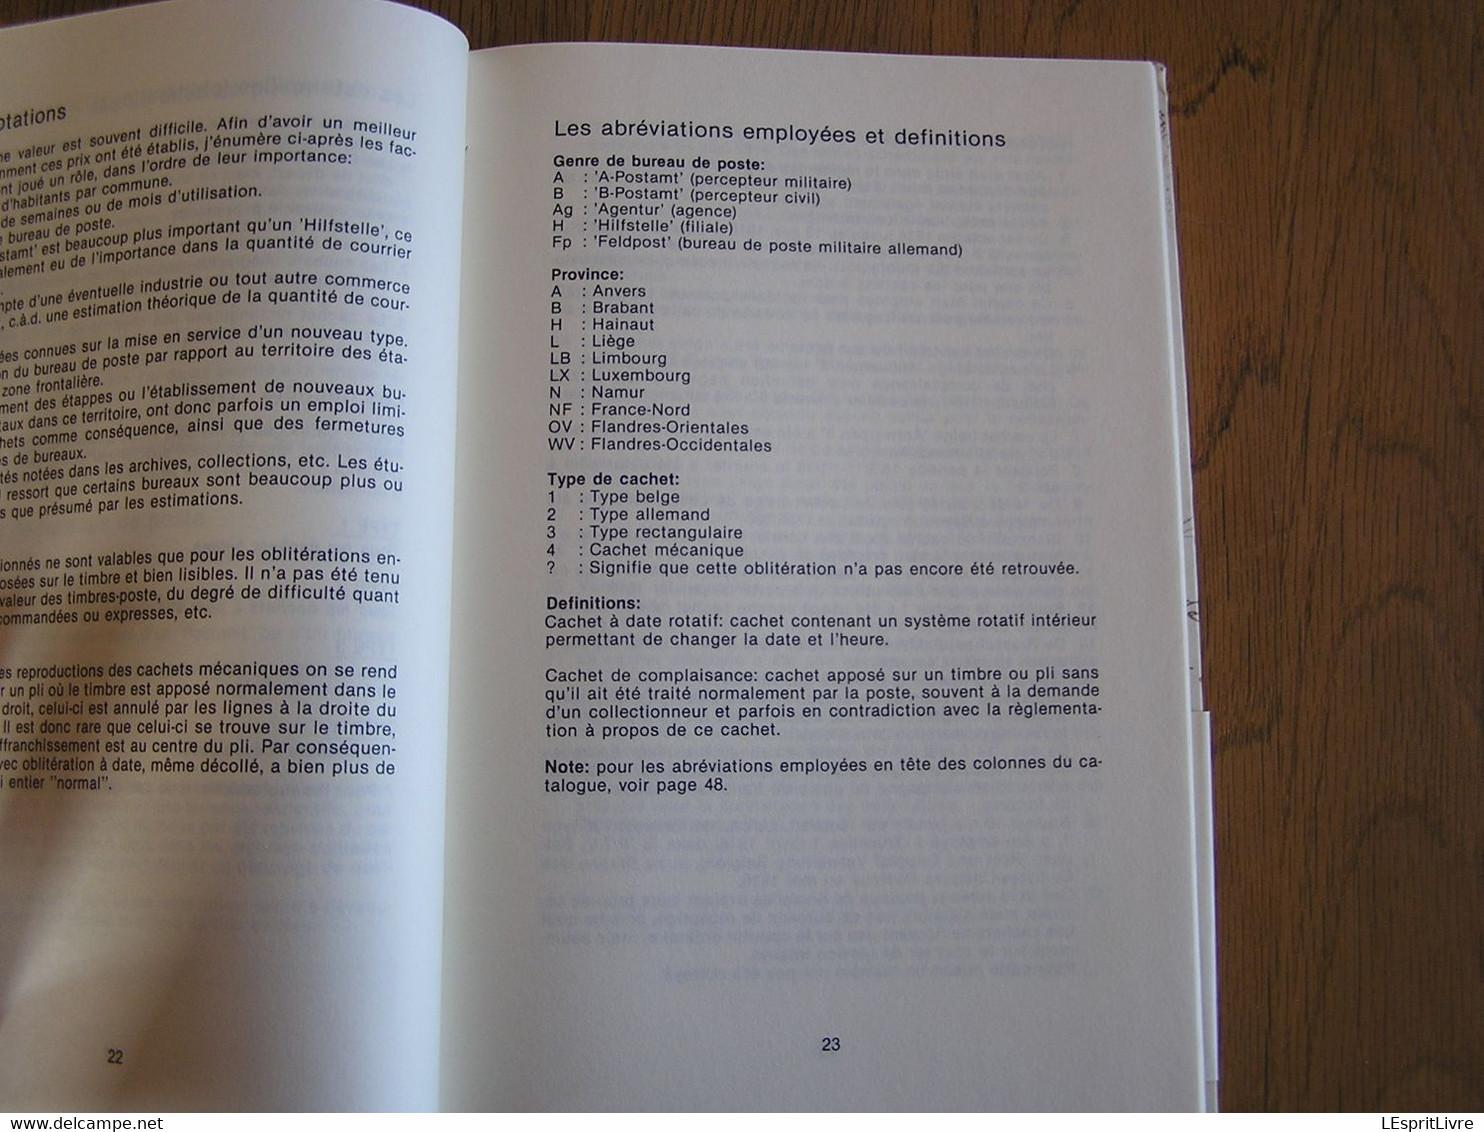 CATALOGUE DES OBLITERATIONS DE L'OCCUPATION ALLEMANDE EN BELGIQUE 14 18 Guerre 1914 1918 Marcophilie Philatélie Marques - Bélgica